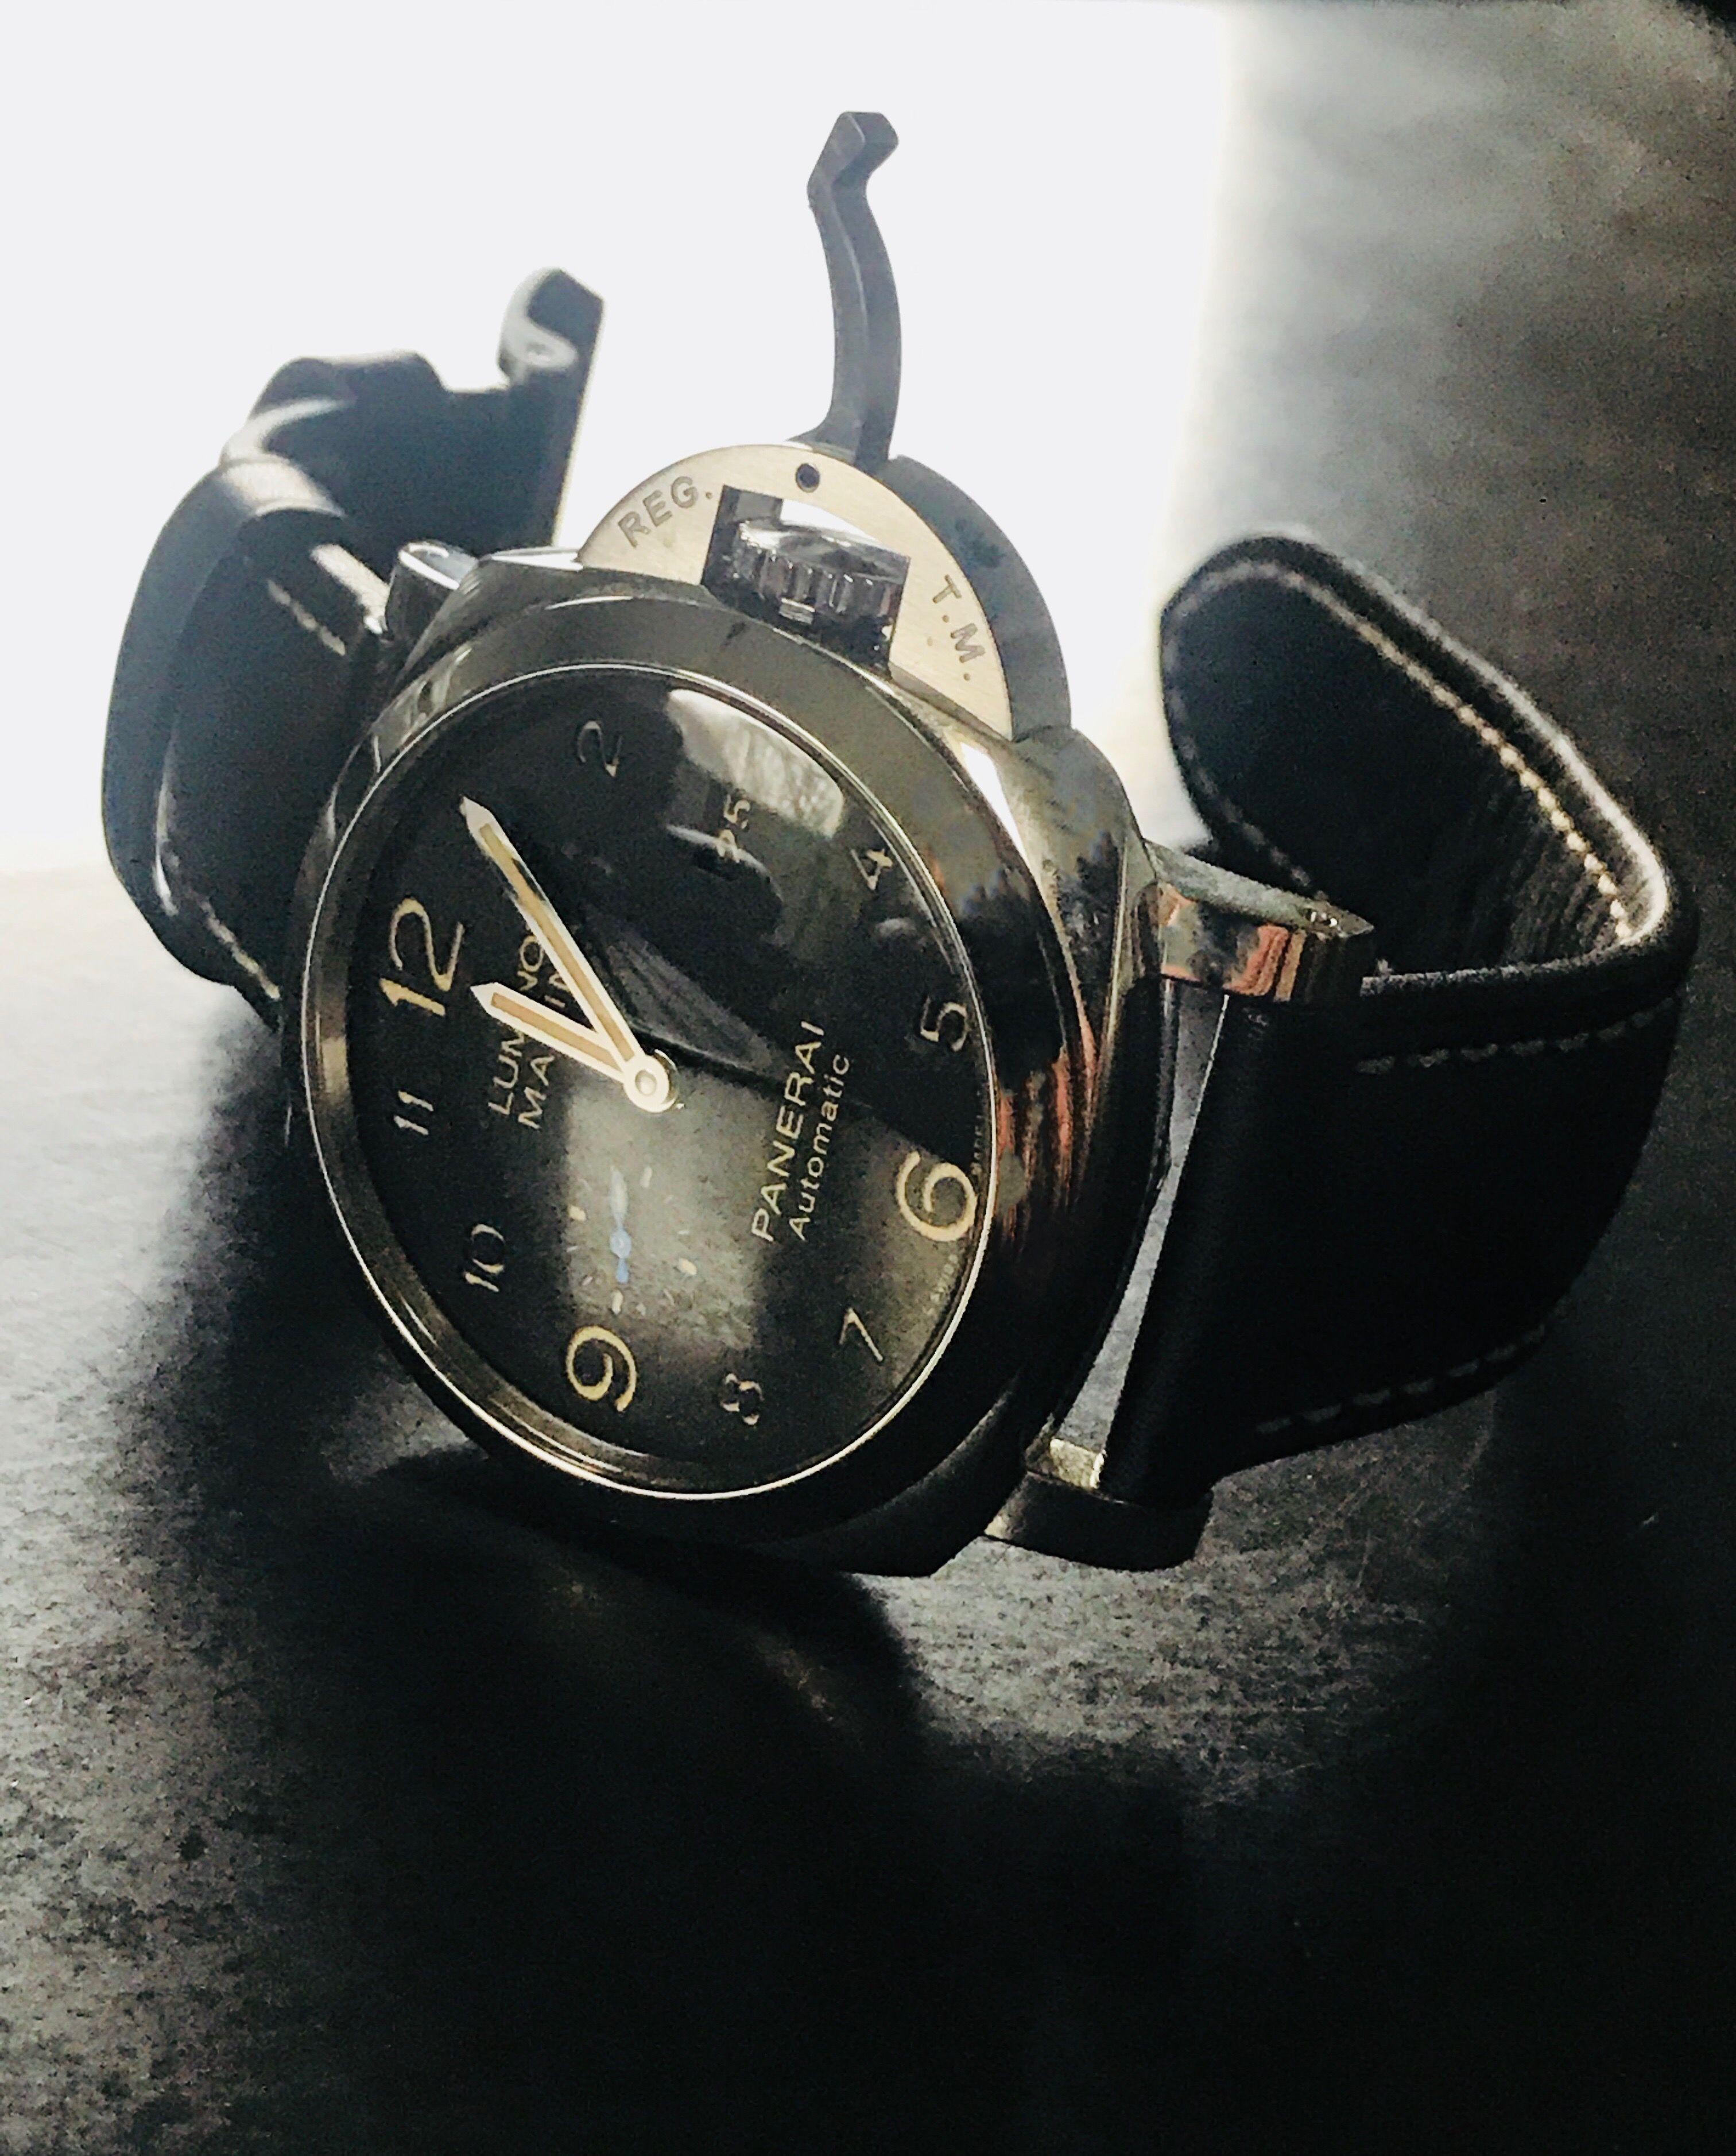 71fbd0f6dc9 Encontre este Pin e muitos outros na pasta Relojes de lujo de dskizaki.